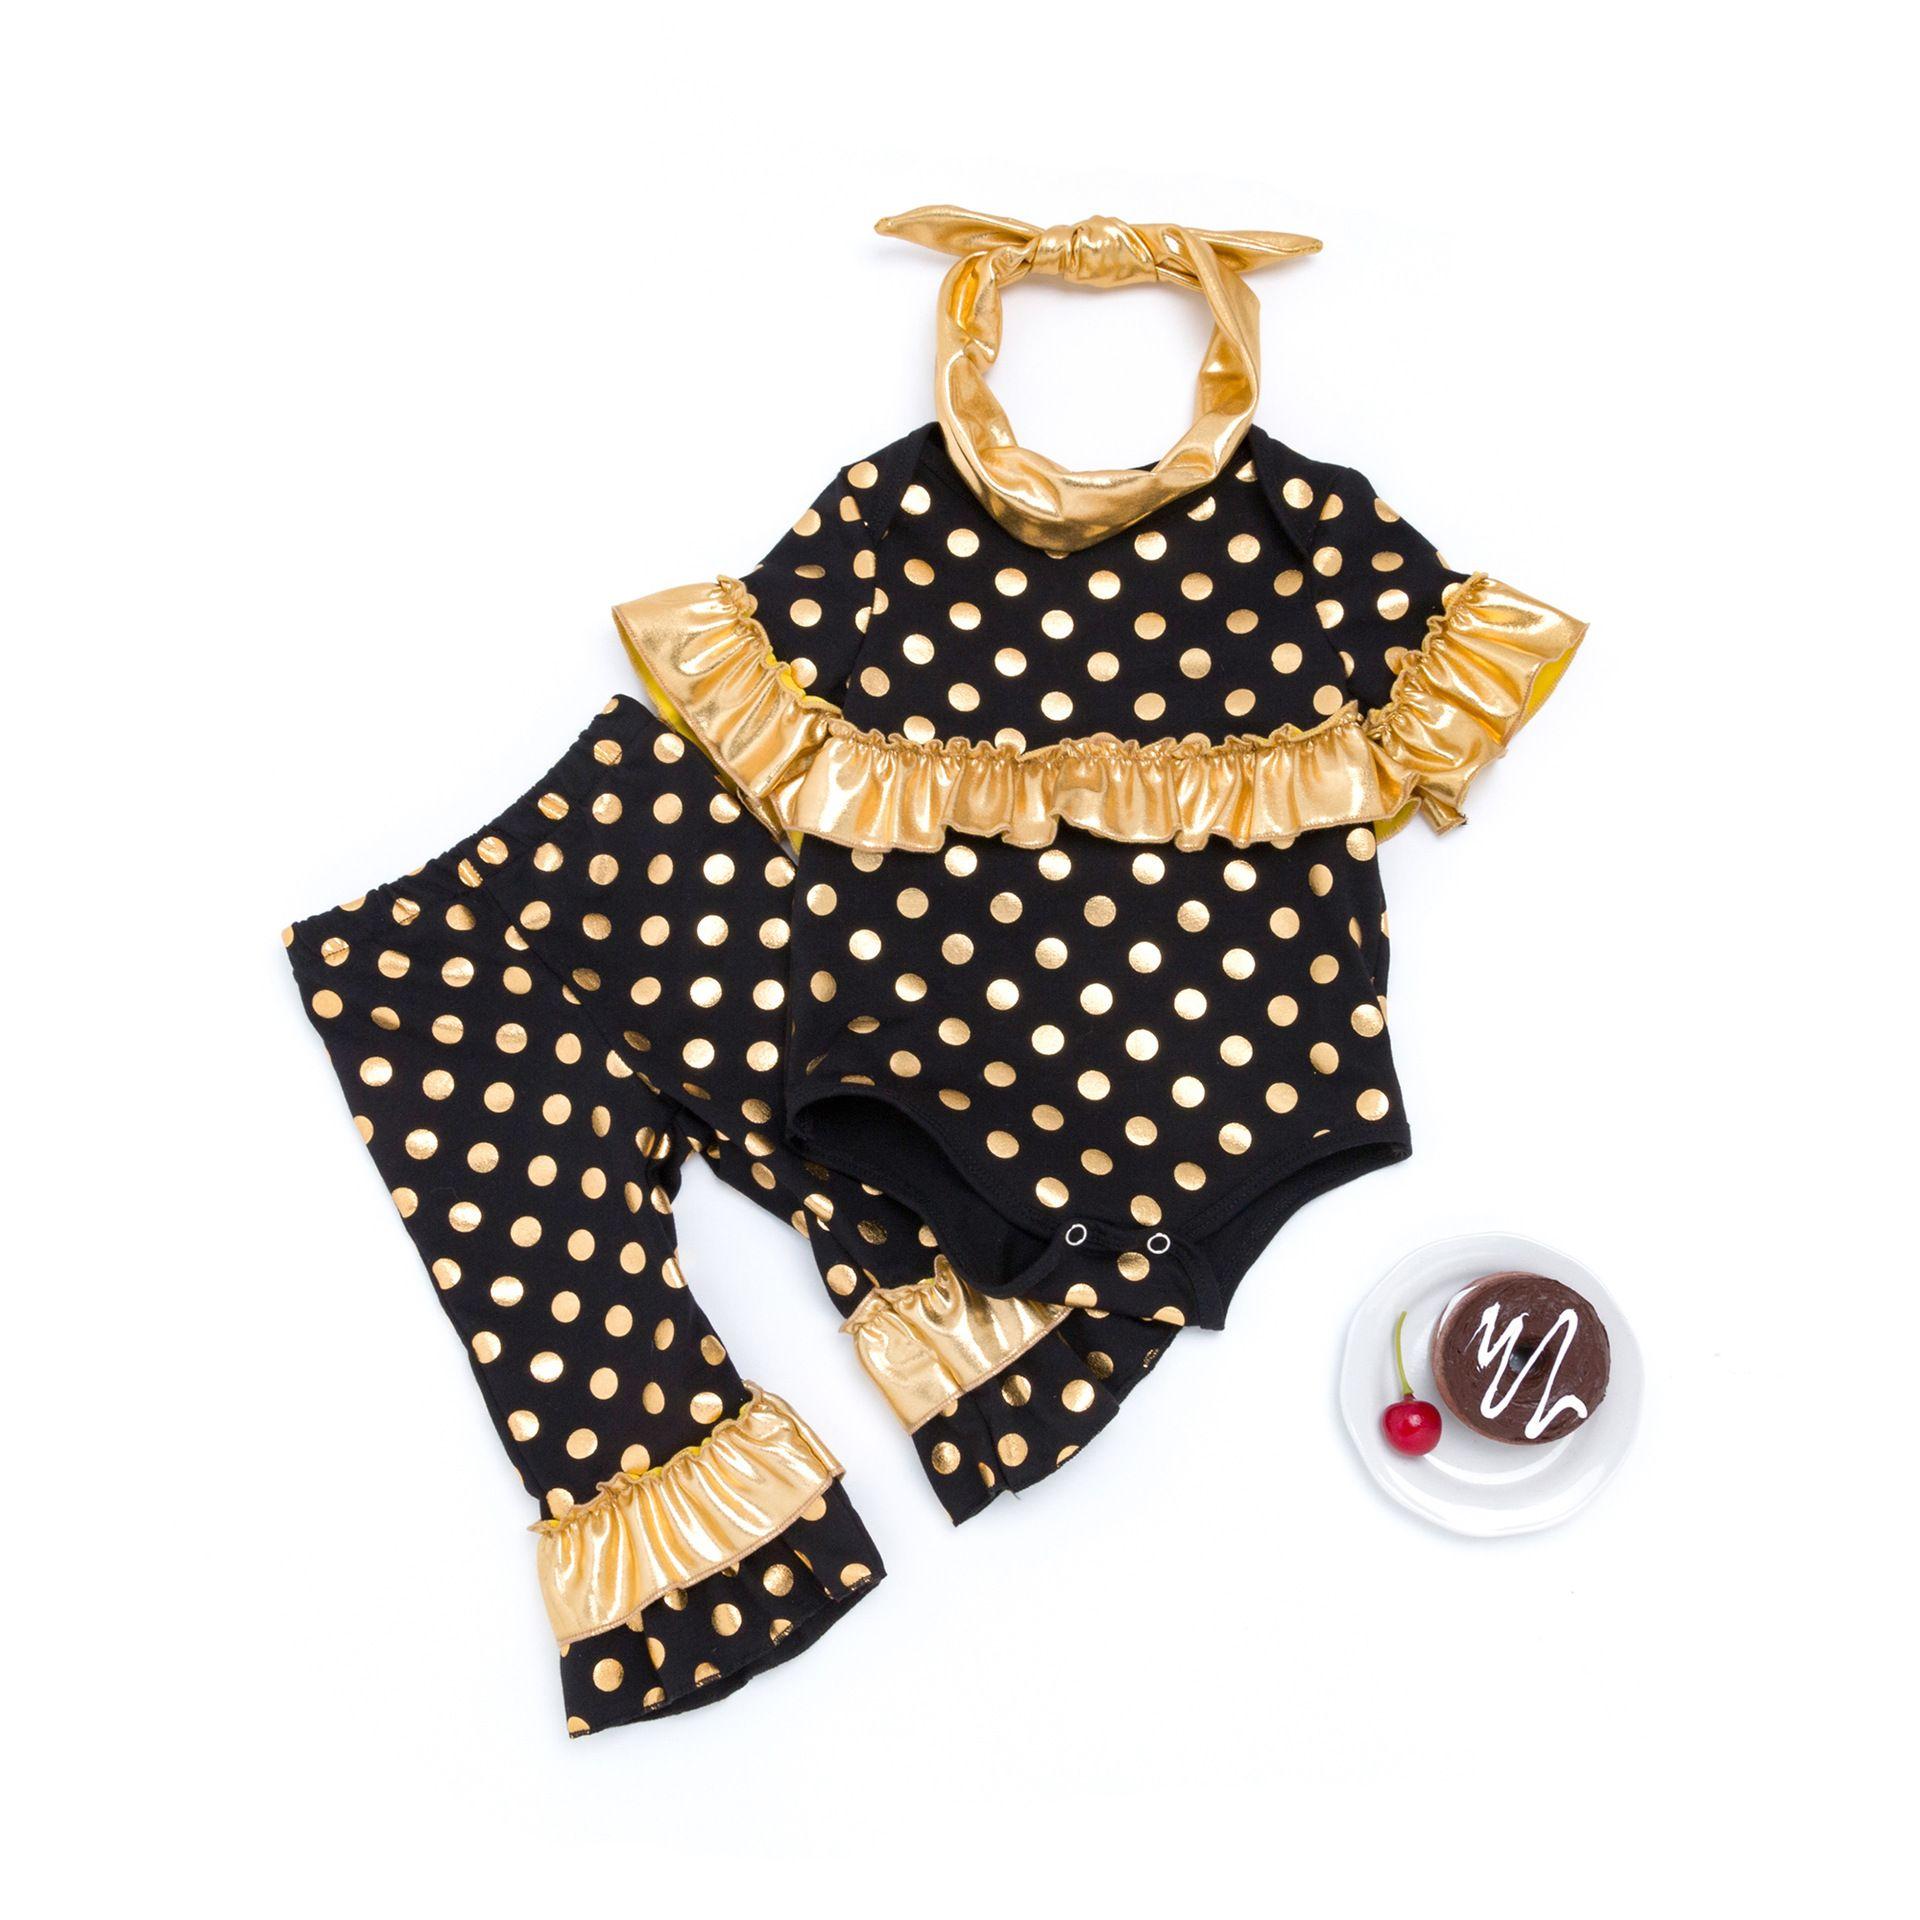 الأزياء طفلة الخريف الملابس مجموعات 0-24M الوليد الرضع مصمم الأسود الترتر الكشكشة رومبير بذلات القطن رومبير + سروال + العصابة = 3PCS / مجموعة